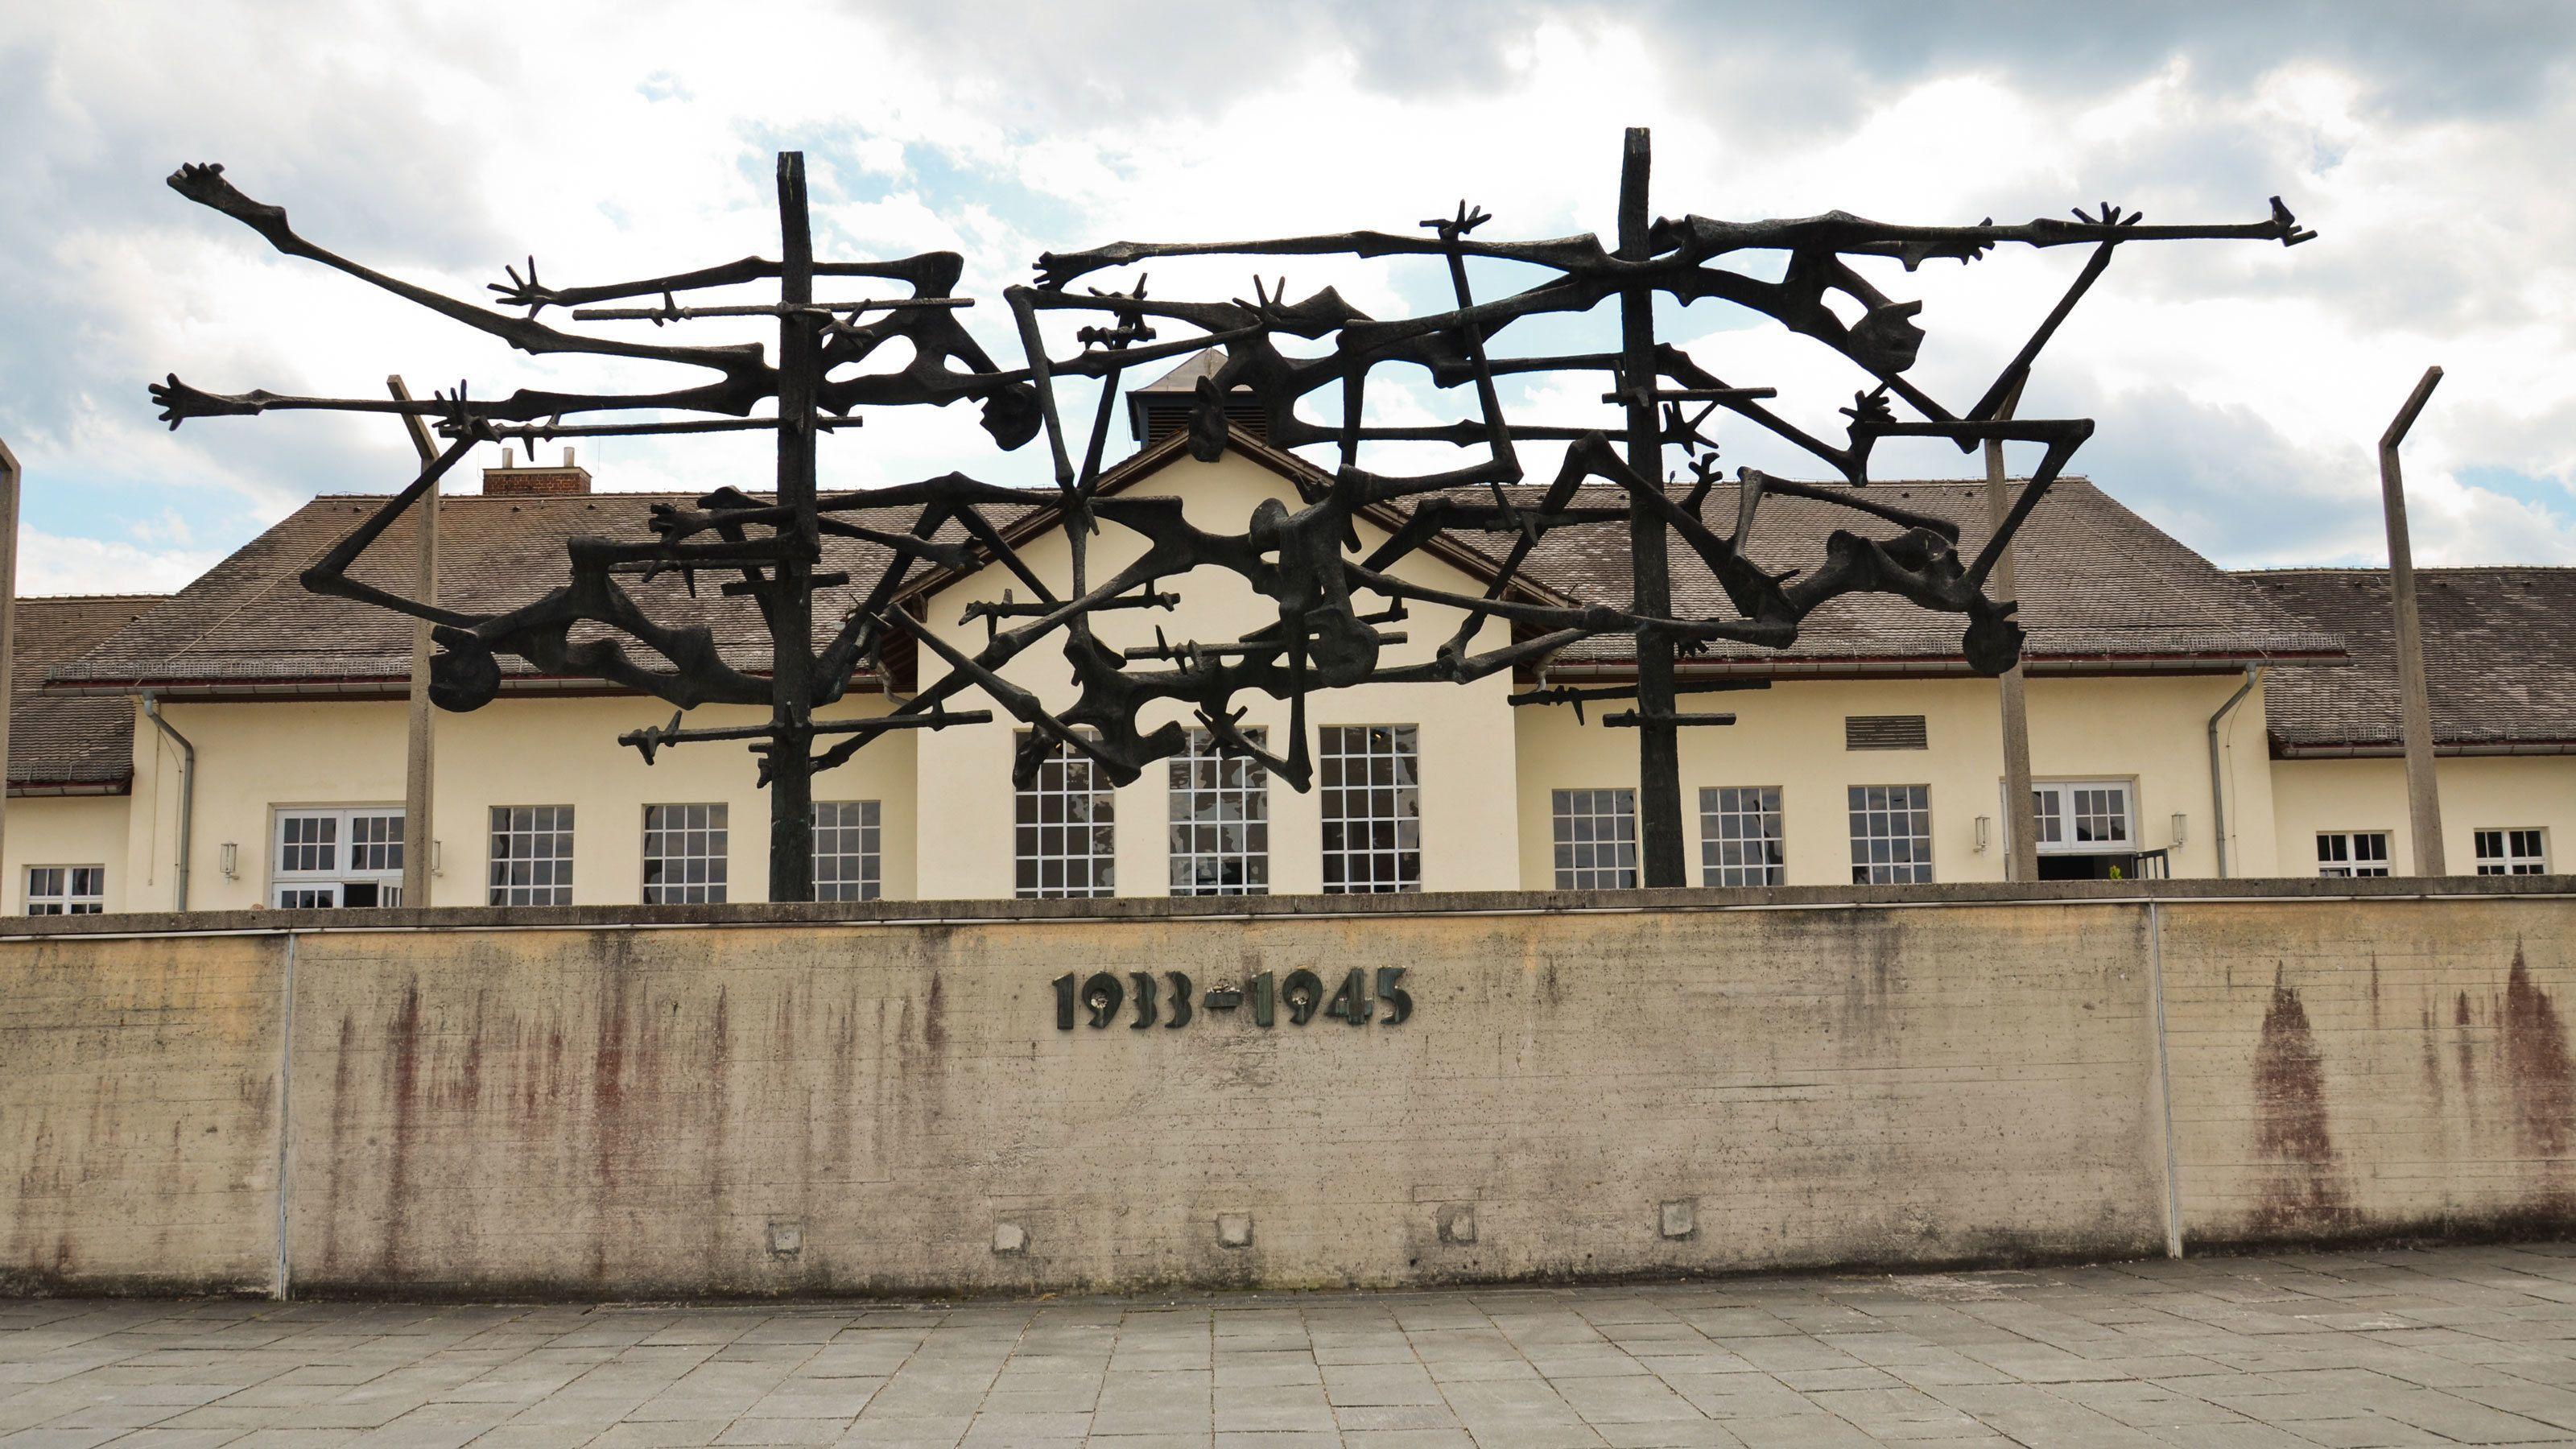 Dachau Memorial Site Half-Day Walking Tour